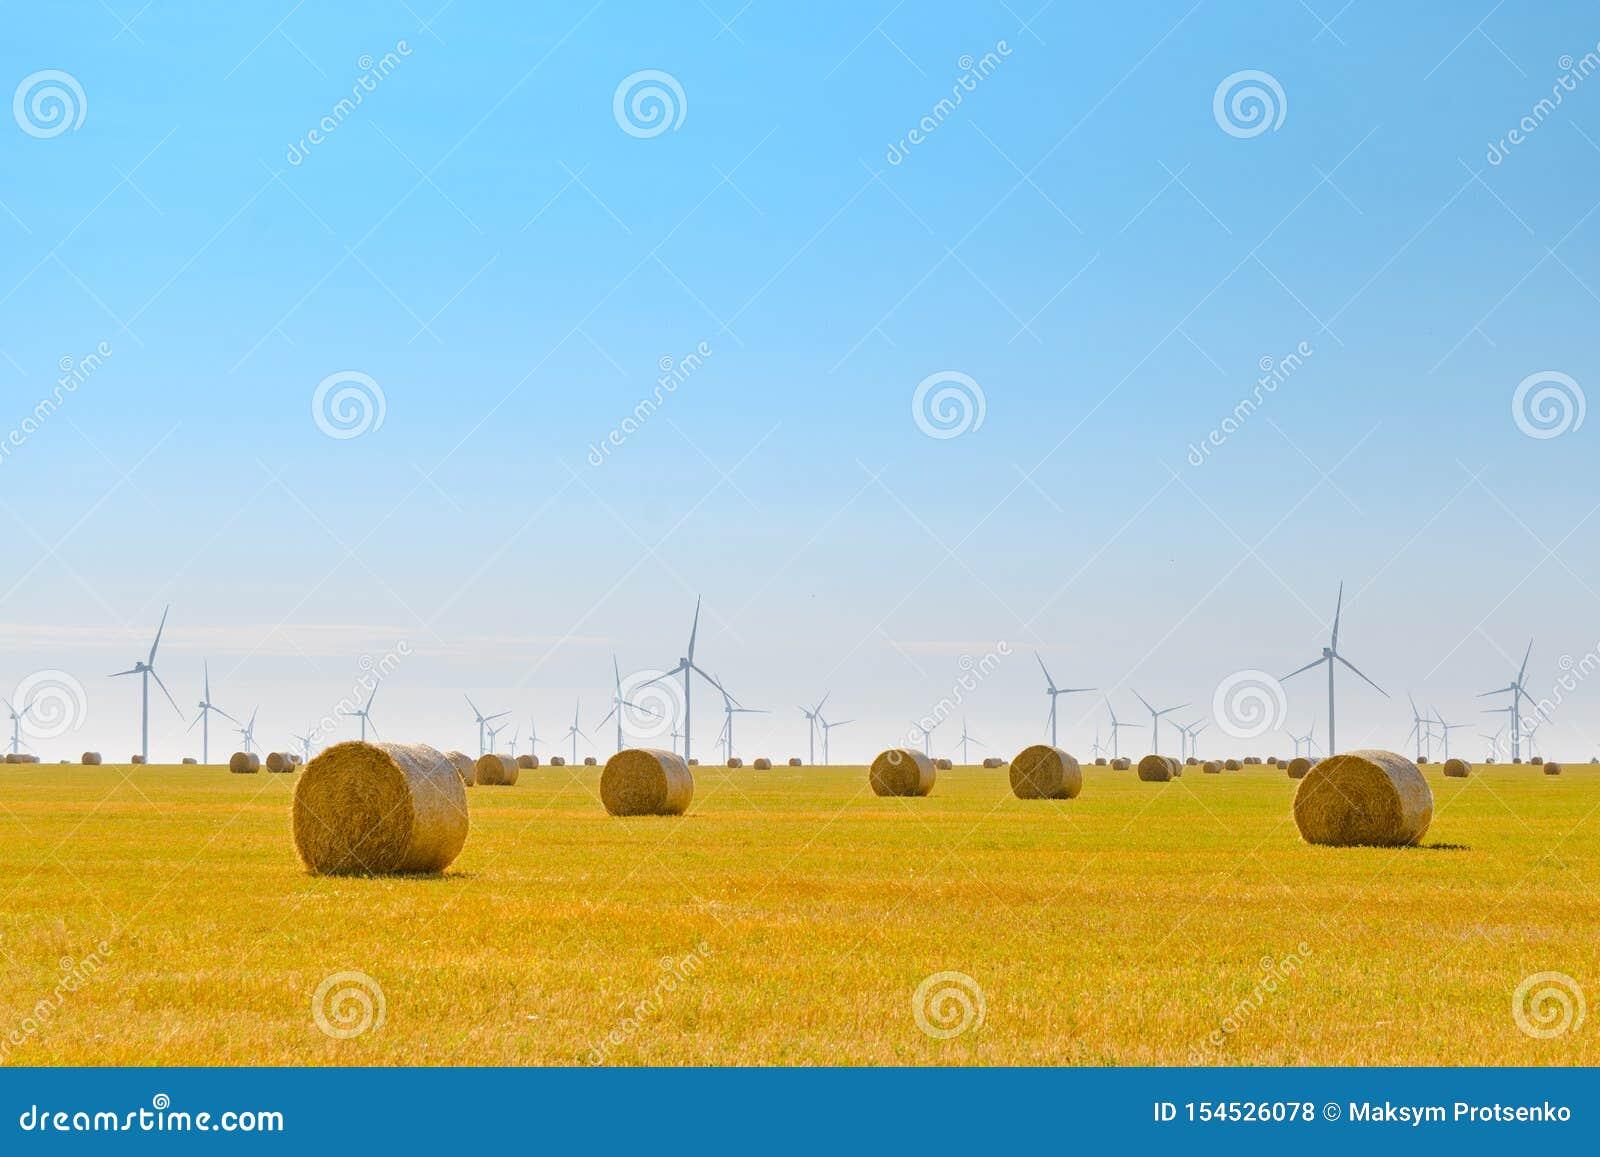 Δέματα αχύρου στο φωτεινό κίτρινο τομέα κάτω από το μπλε ουρανό Στρόβιλοι γεννητριών αέρα στο υπόβαθρο